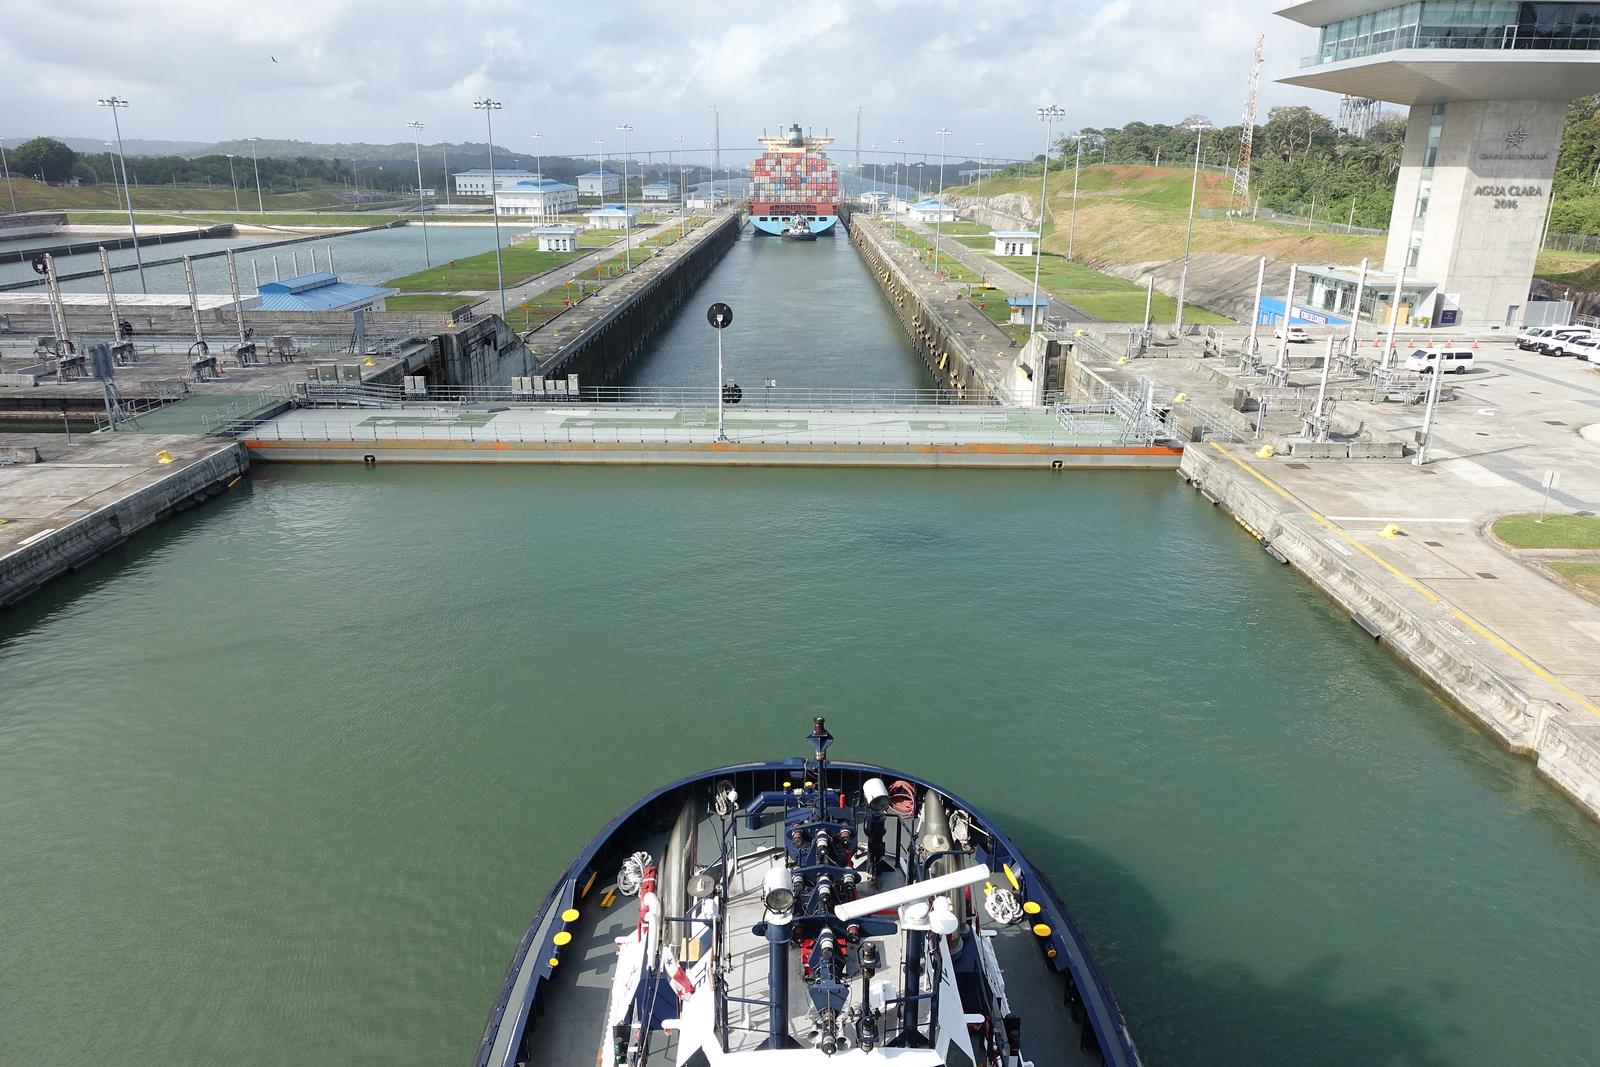 Return Visit Back Through Panama Canal (3 Locks)